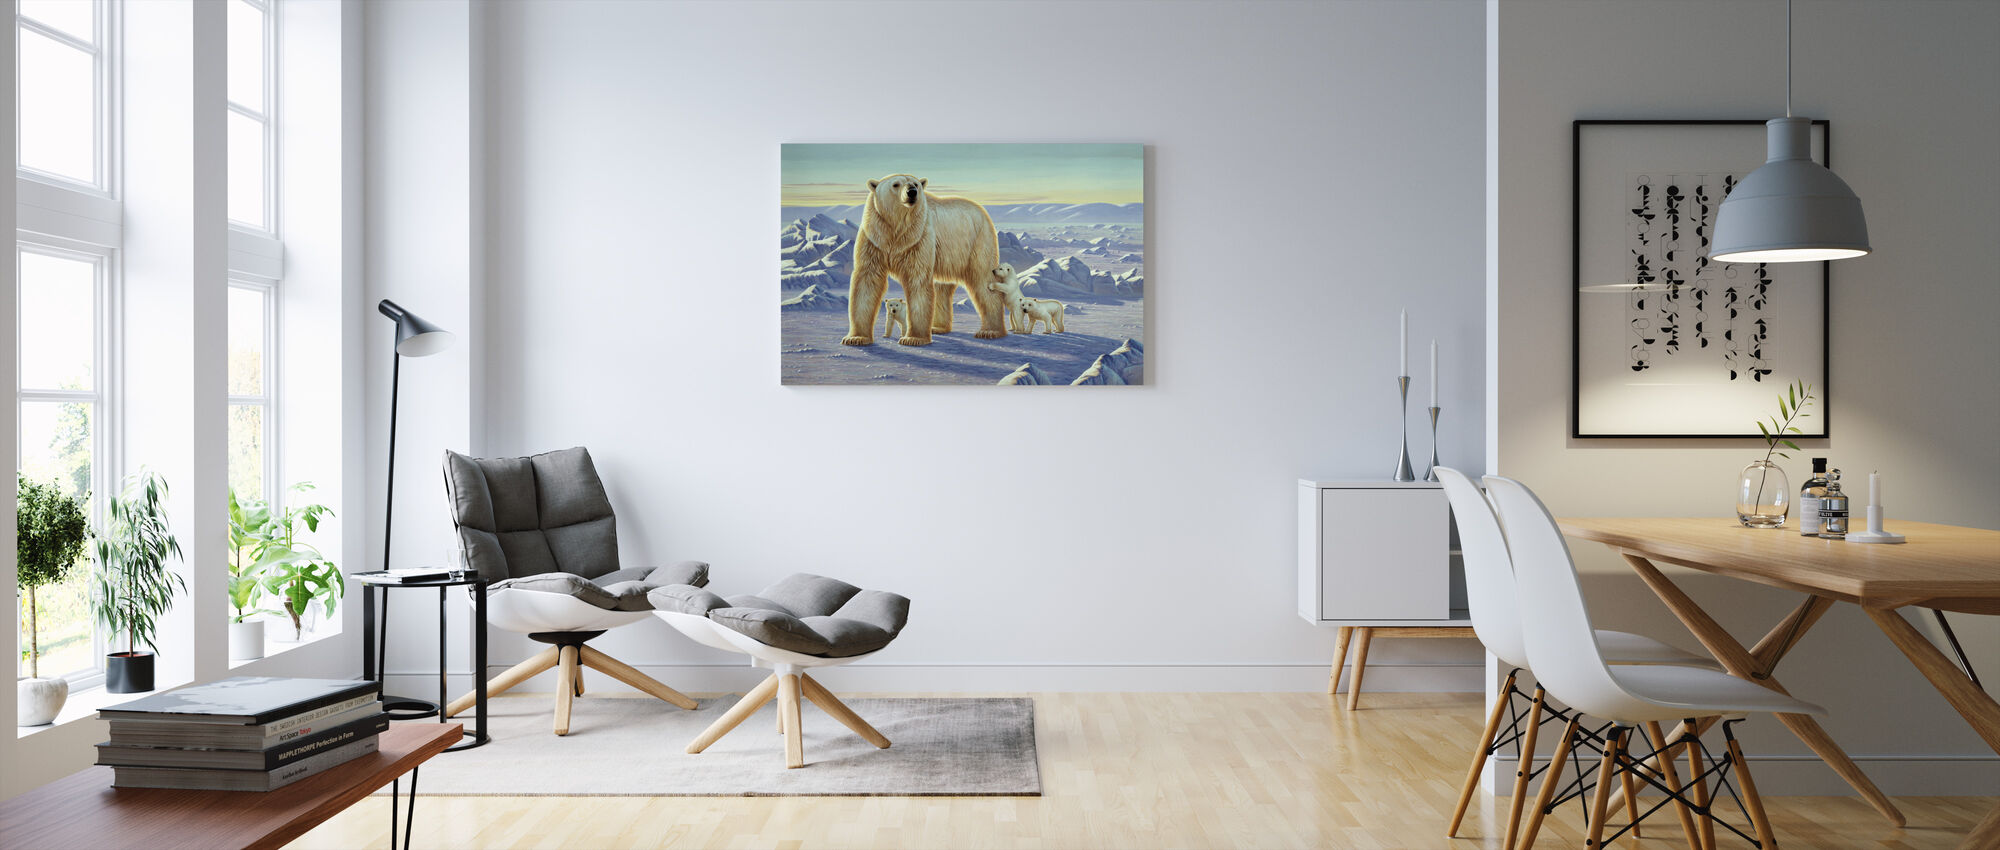 Polar Bear with Cubs - Canvas print - Living Room